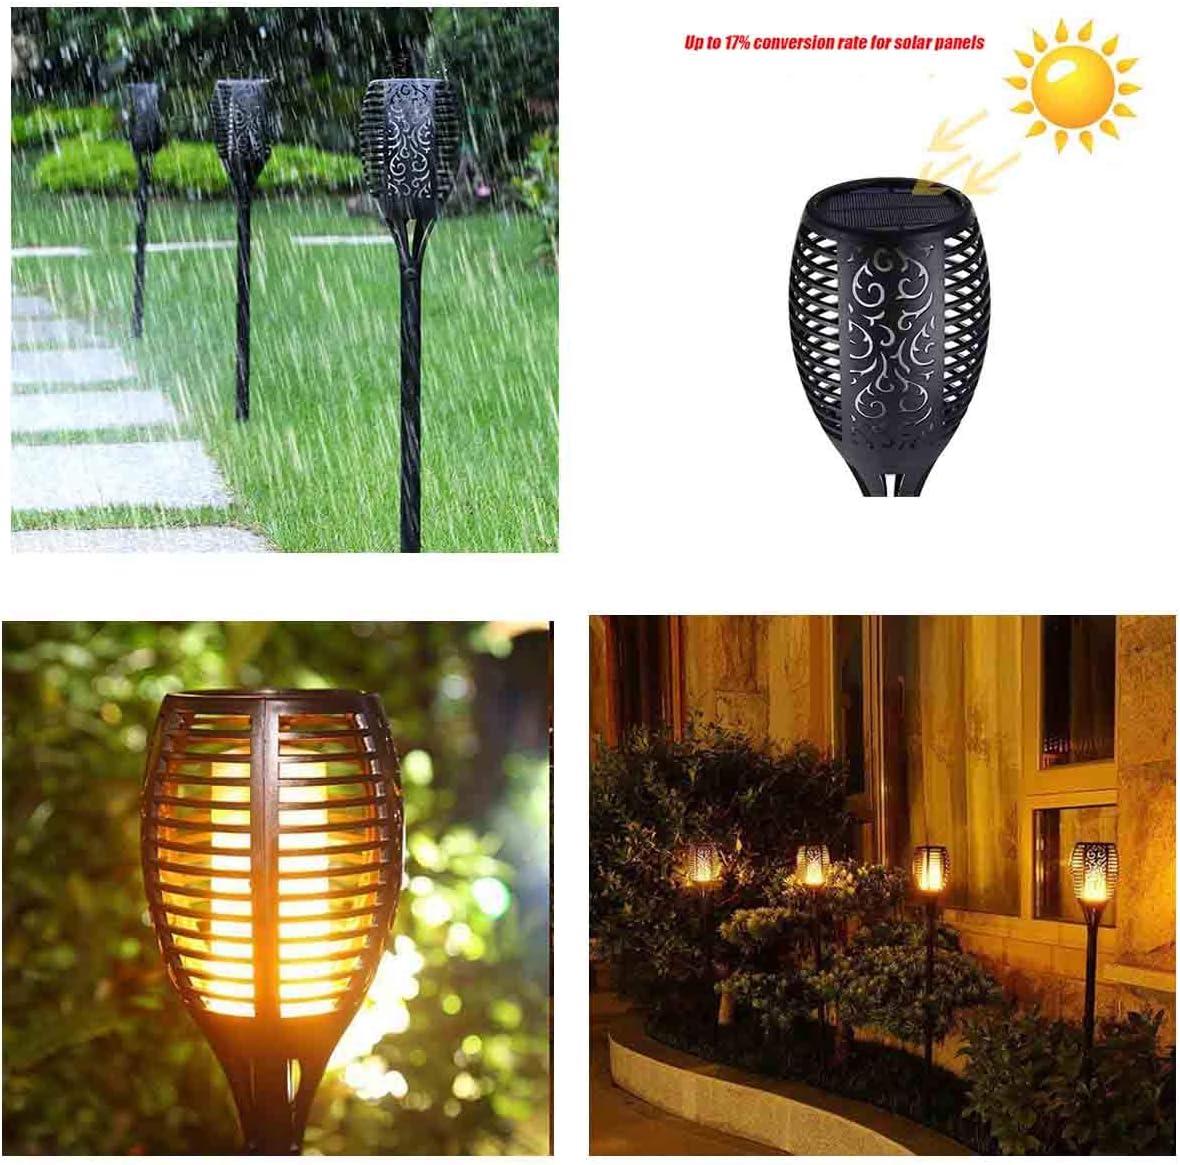 Solar Flammenlicht Solarleuchte Garten IP65 wasserdicht Solarlampe Gartenfackeln mit realistischen Flammen Automatische EIN//Aus Au/ßen warmlicht G/ärten 4 St/ück Rasen Beleuchtung